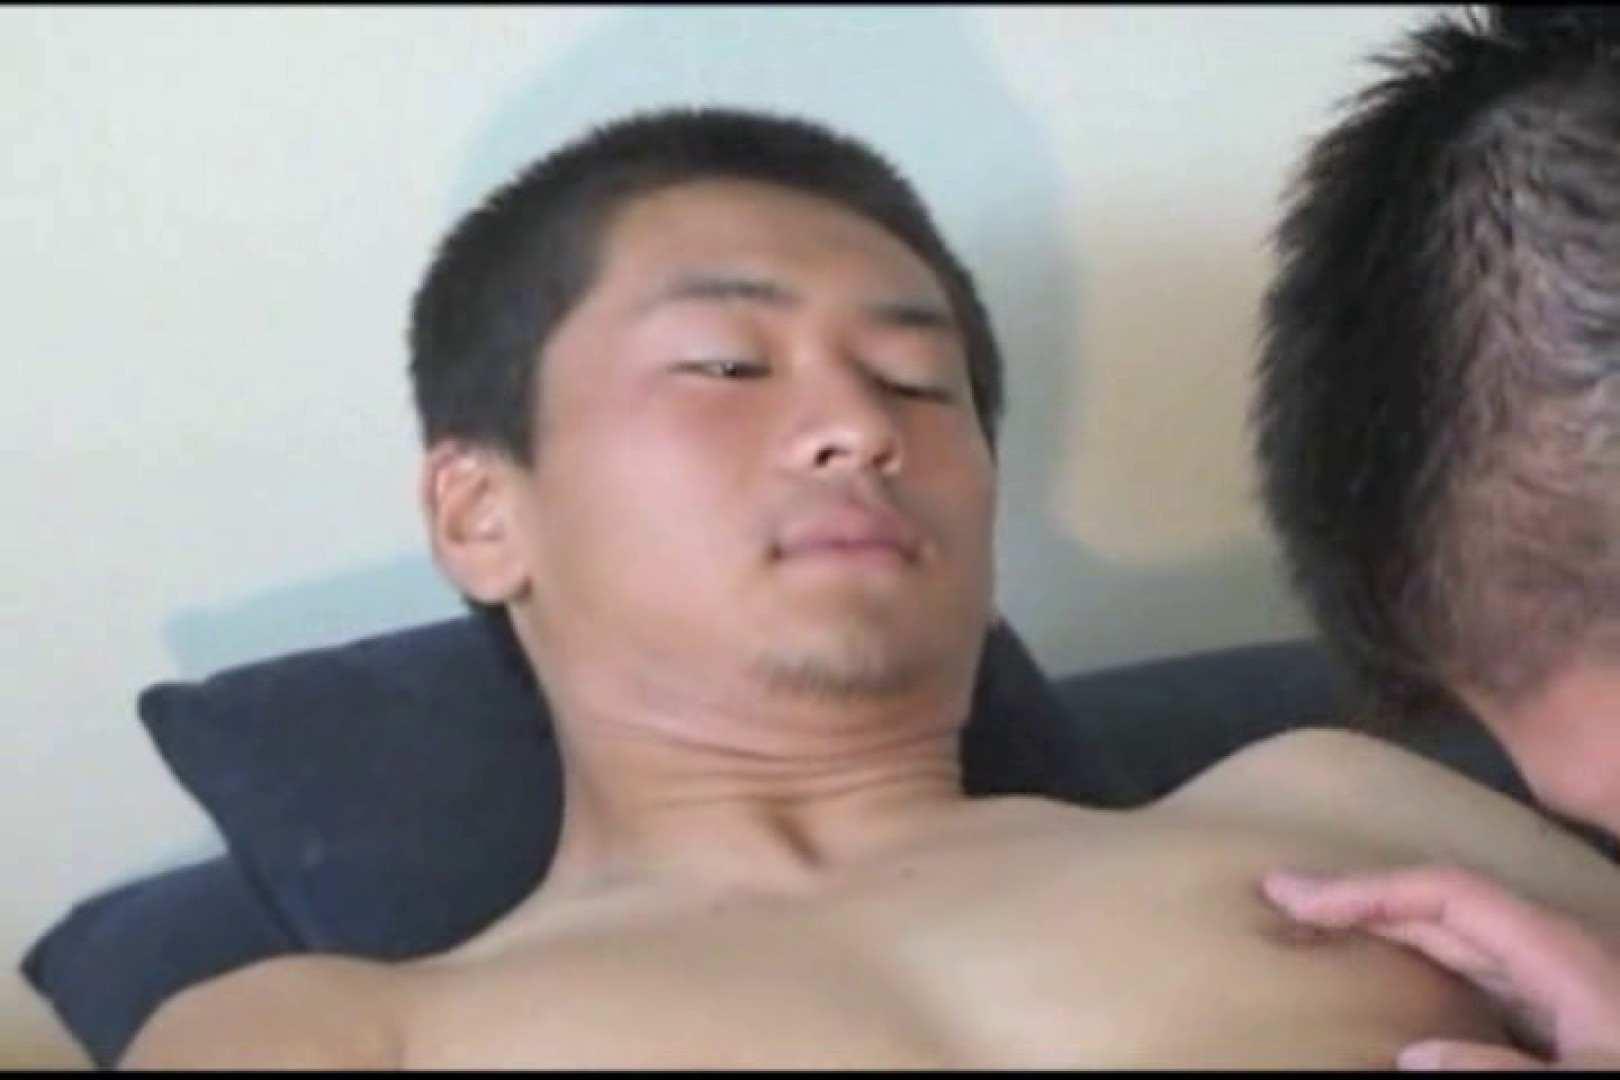 ノンケガチムチ男子の男イキ初体験!! 無修正 ゲイエロビデオ画像 110pic 80